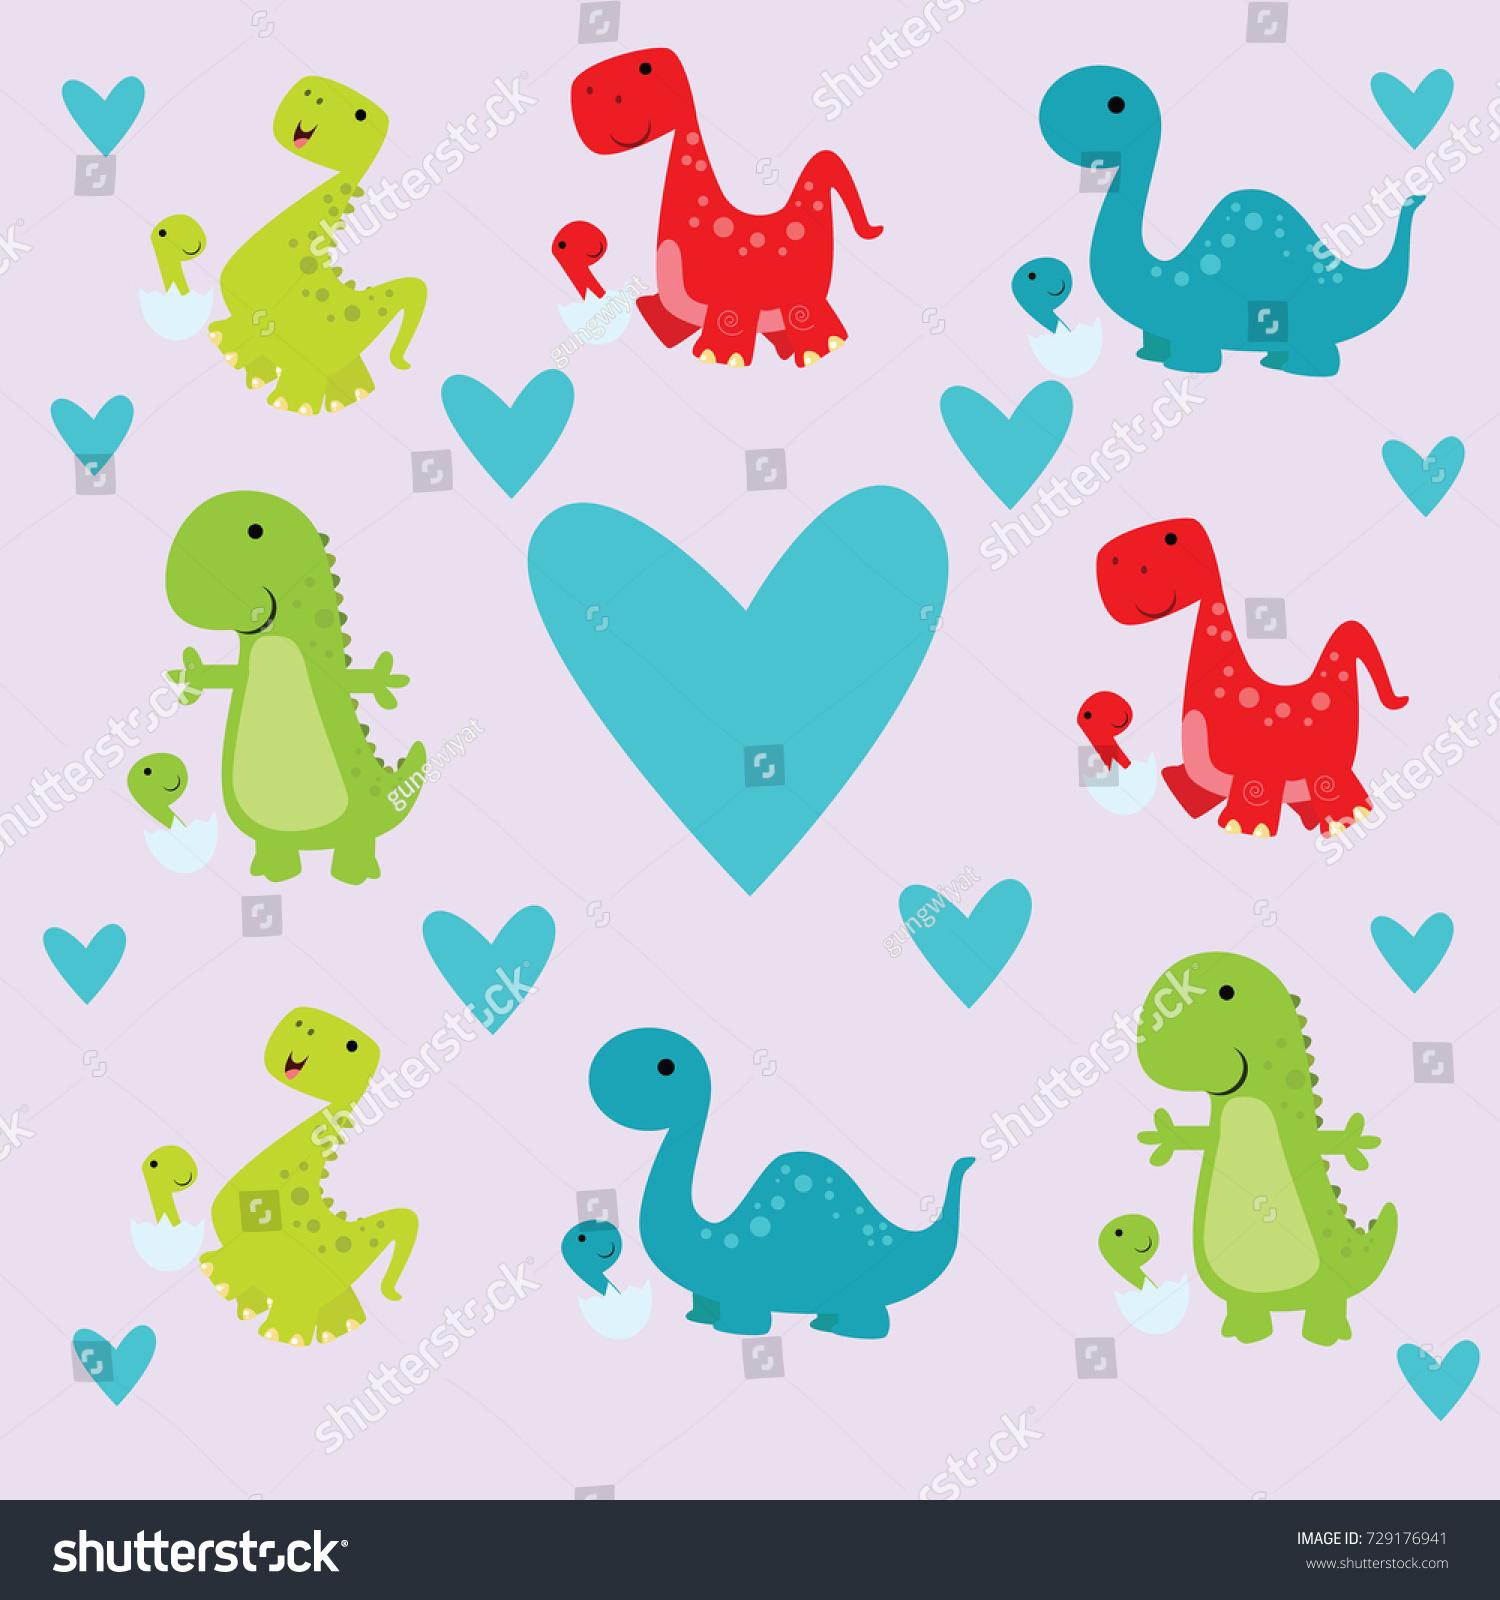 Dinosaur Wallpaper Design Cute Funny 729176941